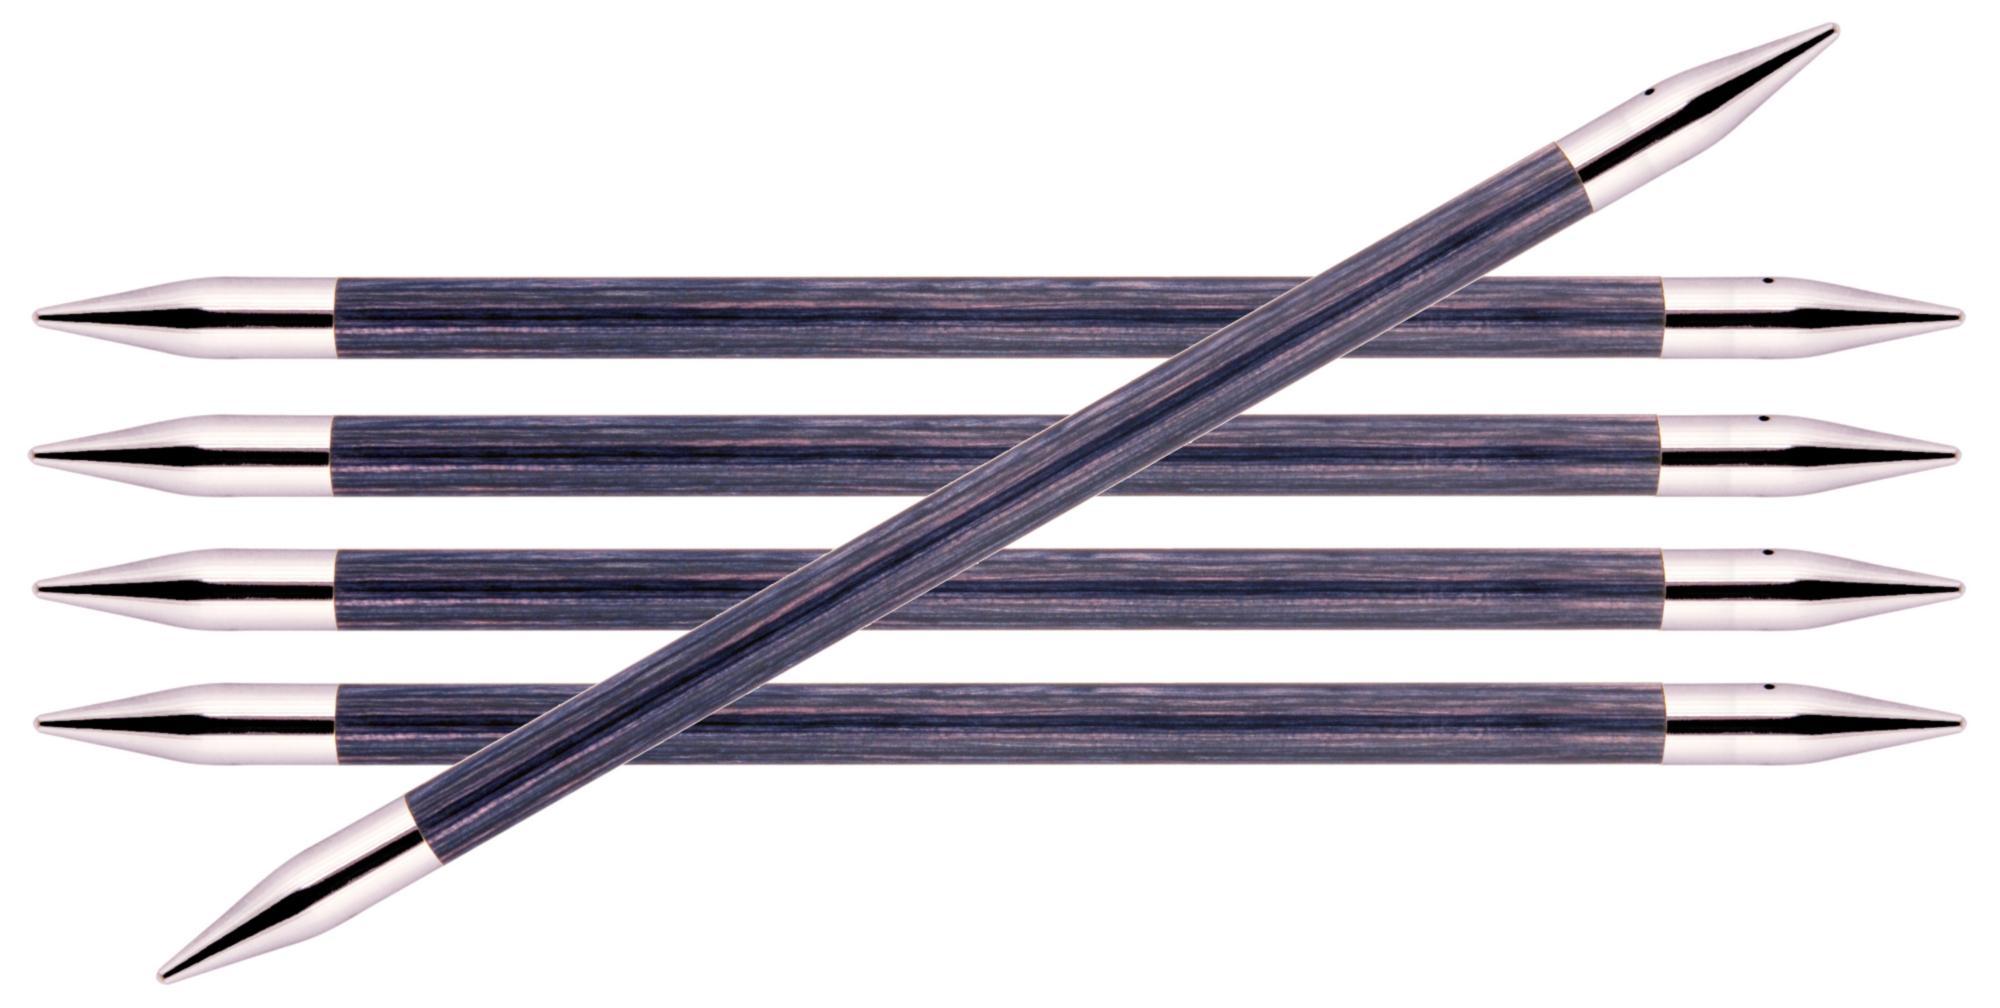 Спицы носочные 20 см Royale KnitPro, 29042, 6.50 мм